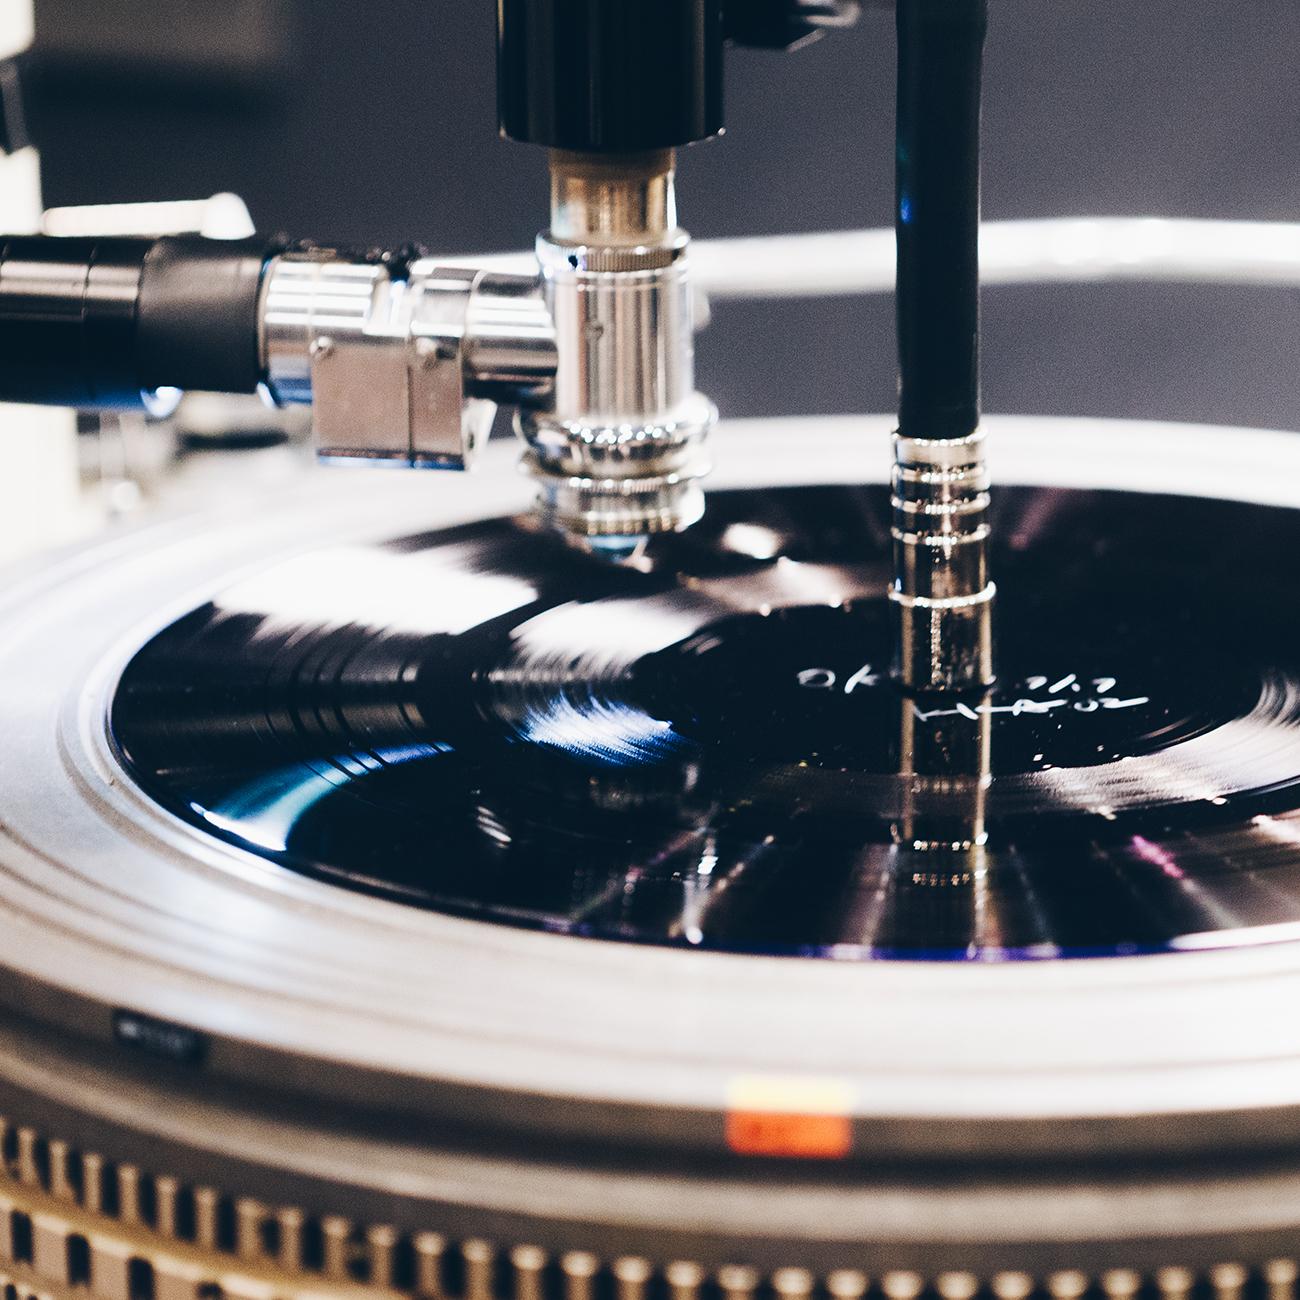 人はなぜレコードに魅了されるのか